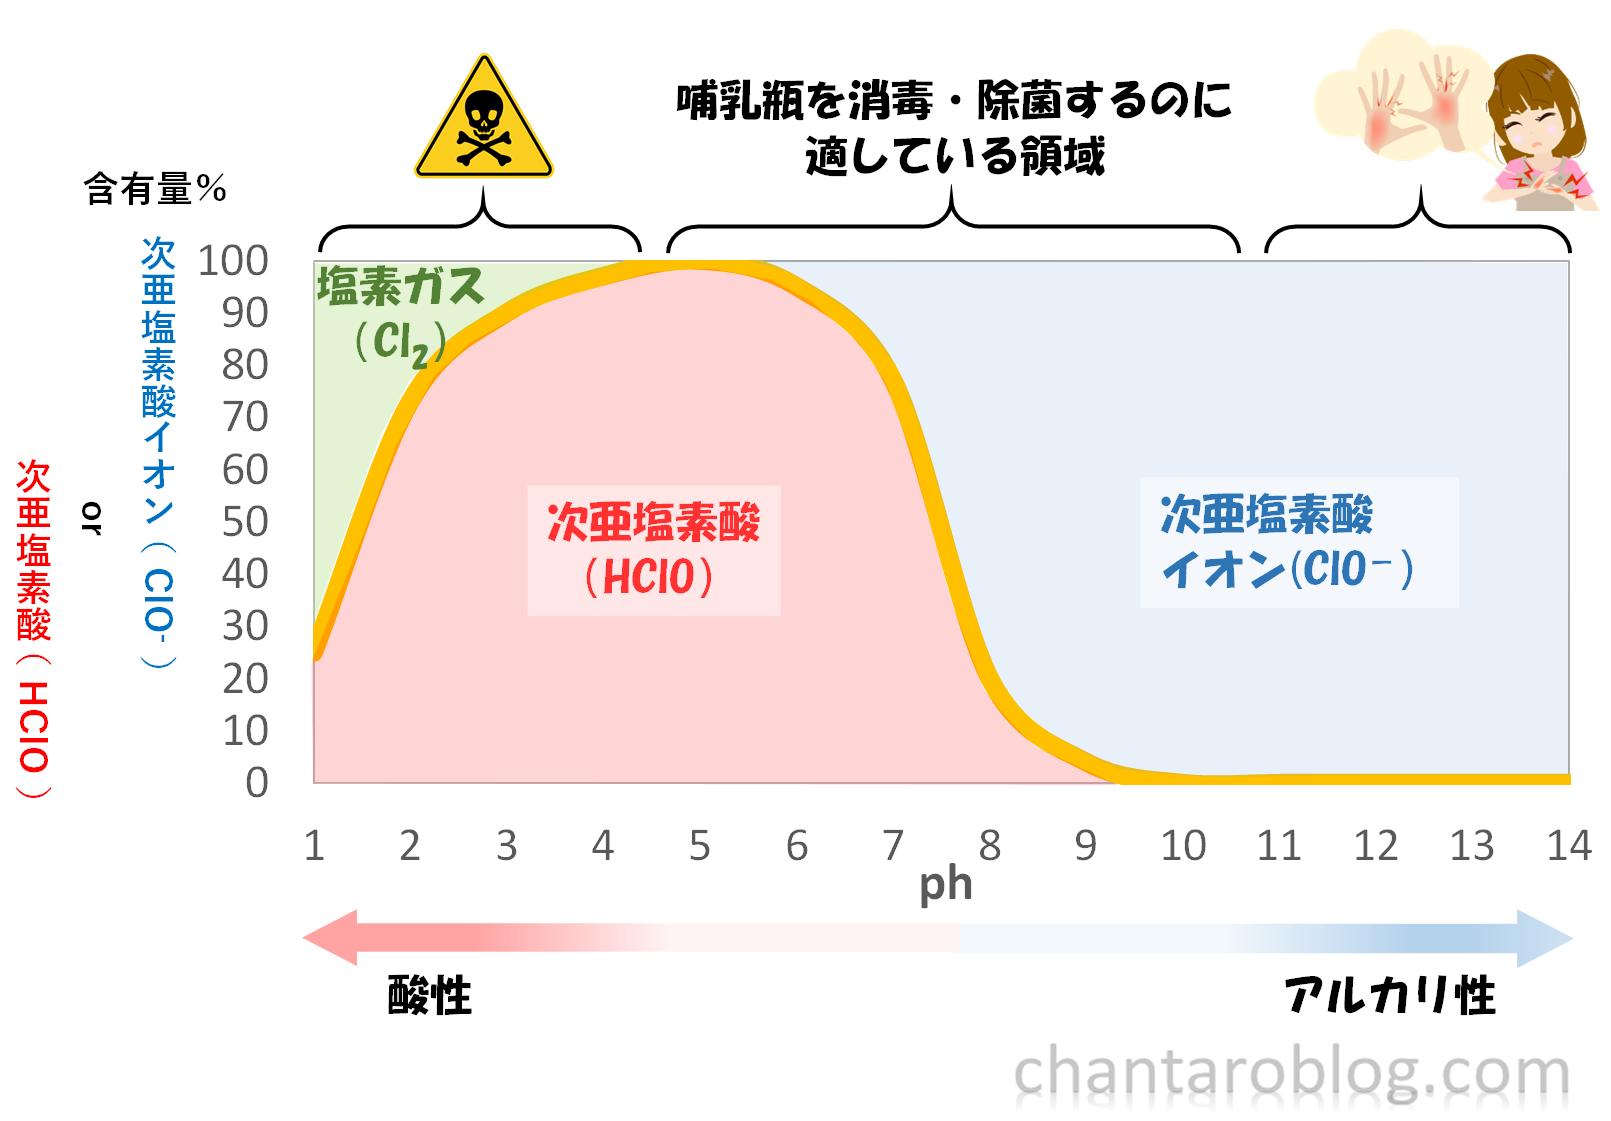 次亜塩素酸と次亜塩素酸イオンのグラフで、人体に危険となってくる領域が示されている。